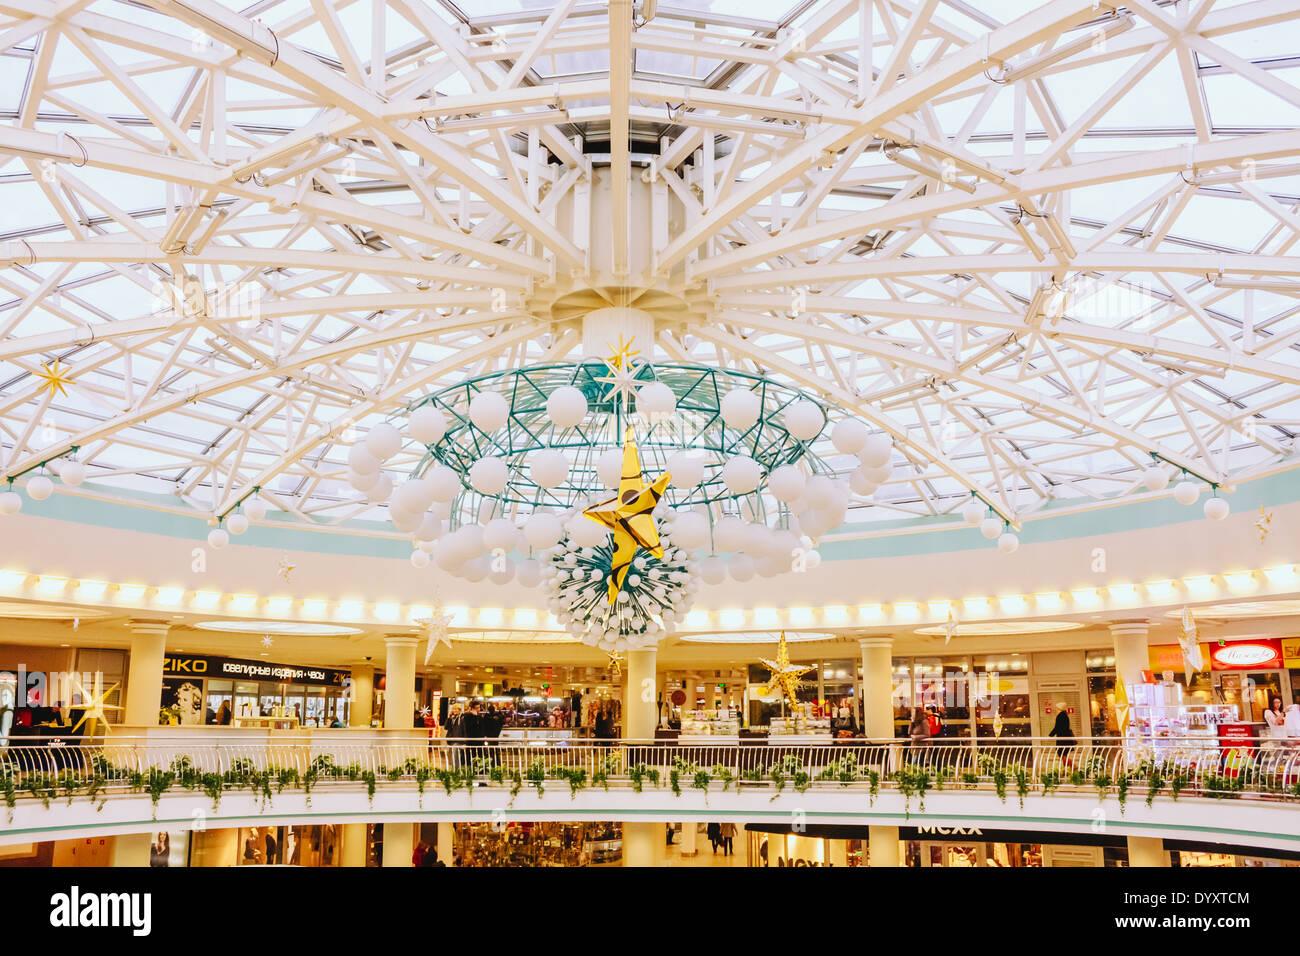 'Stolitsa' is a major shopping center in Belarussian capital Minsk. - Stock Image